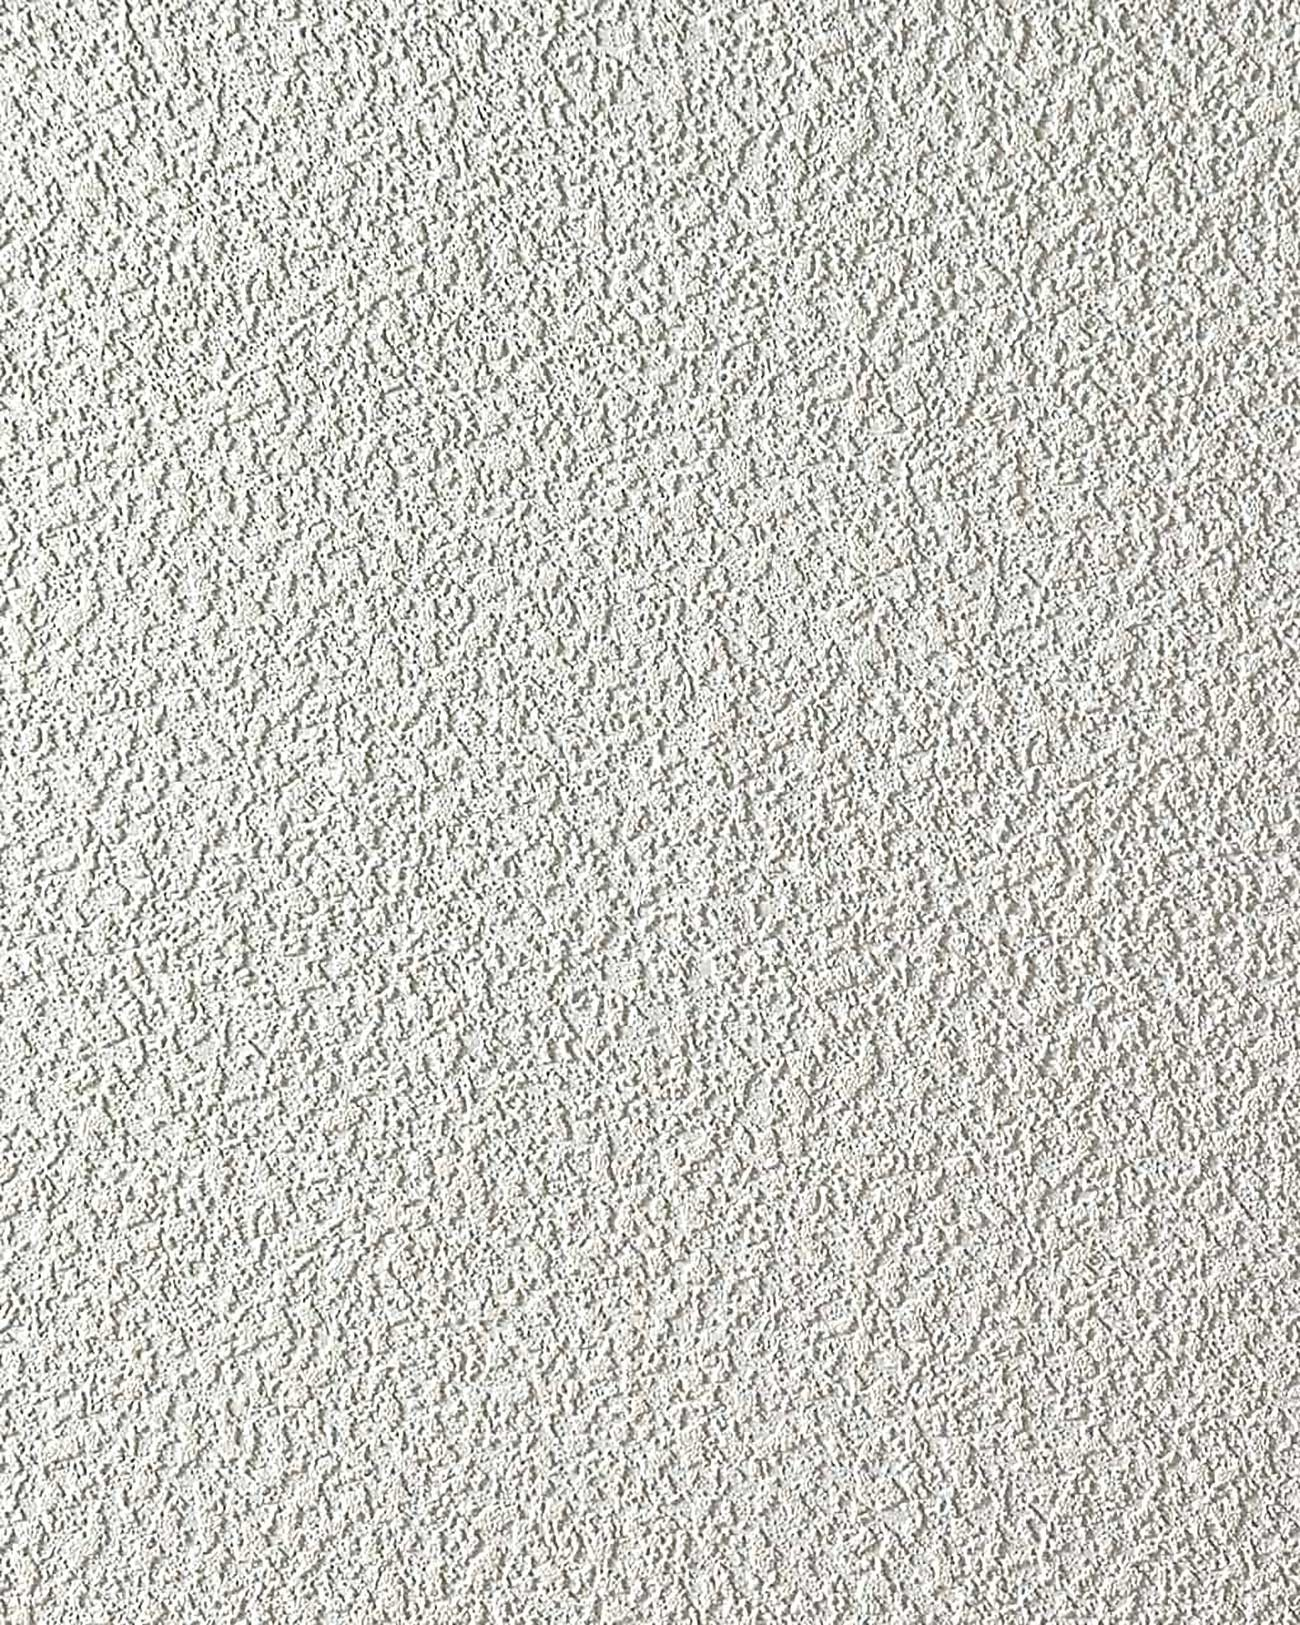 papier peint blanc effet papier ingrain 1 rouleau 15 m 7 95 m2 edem 204 40. Black Bedroom Furniture Sets. Home Design Ideas